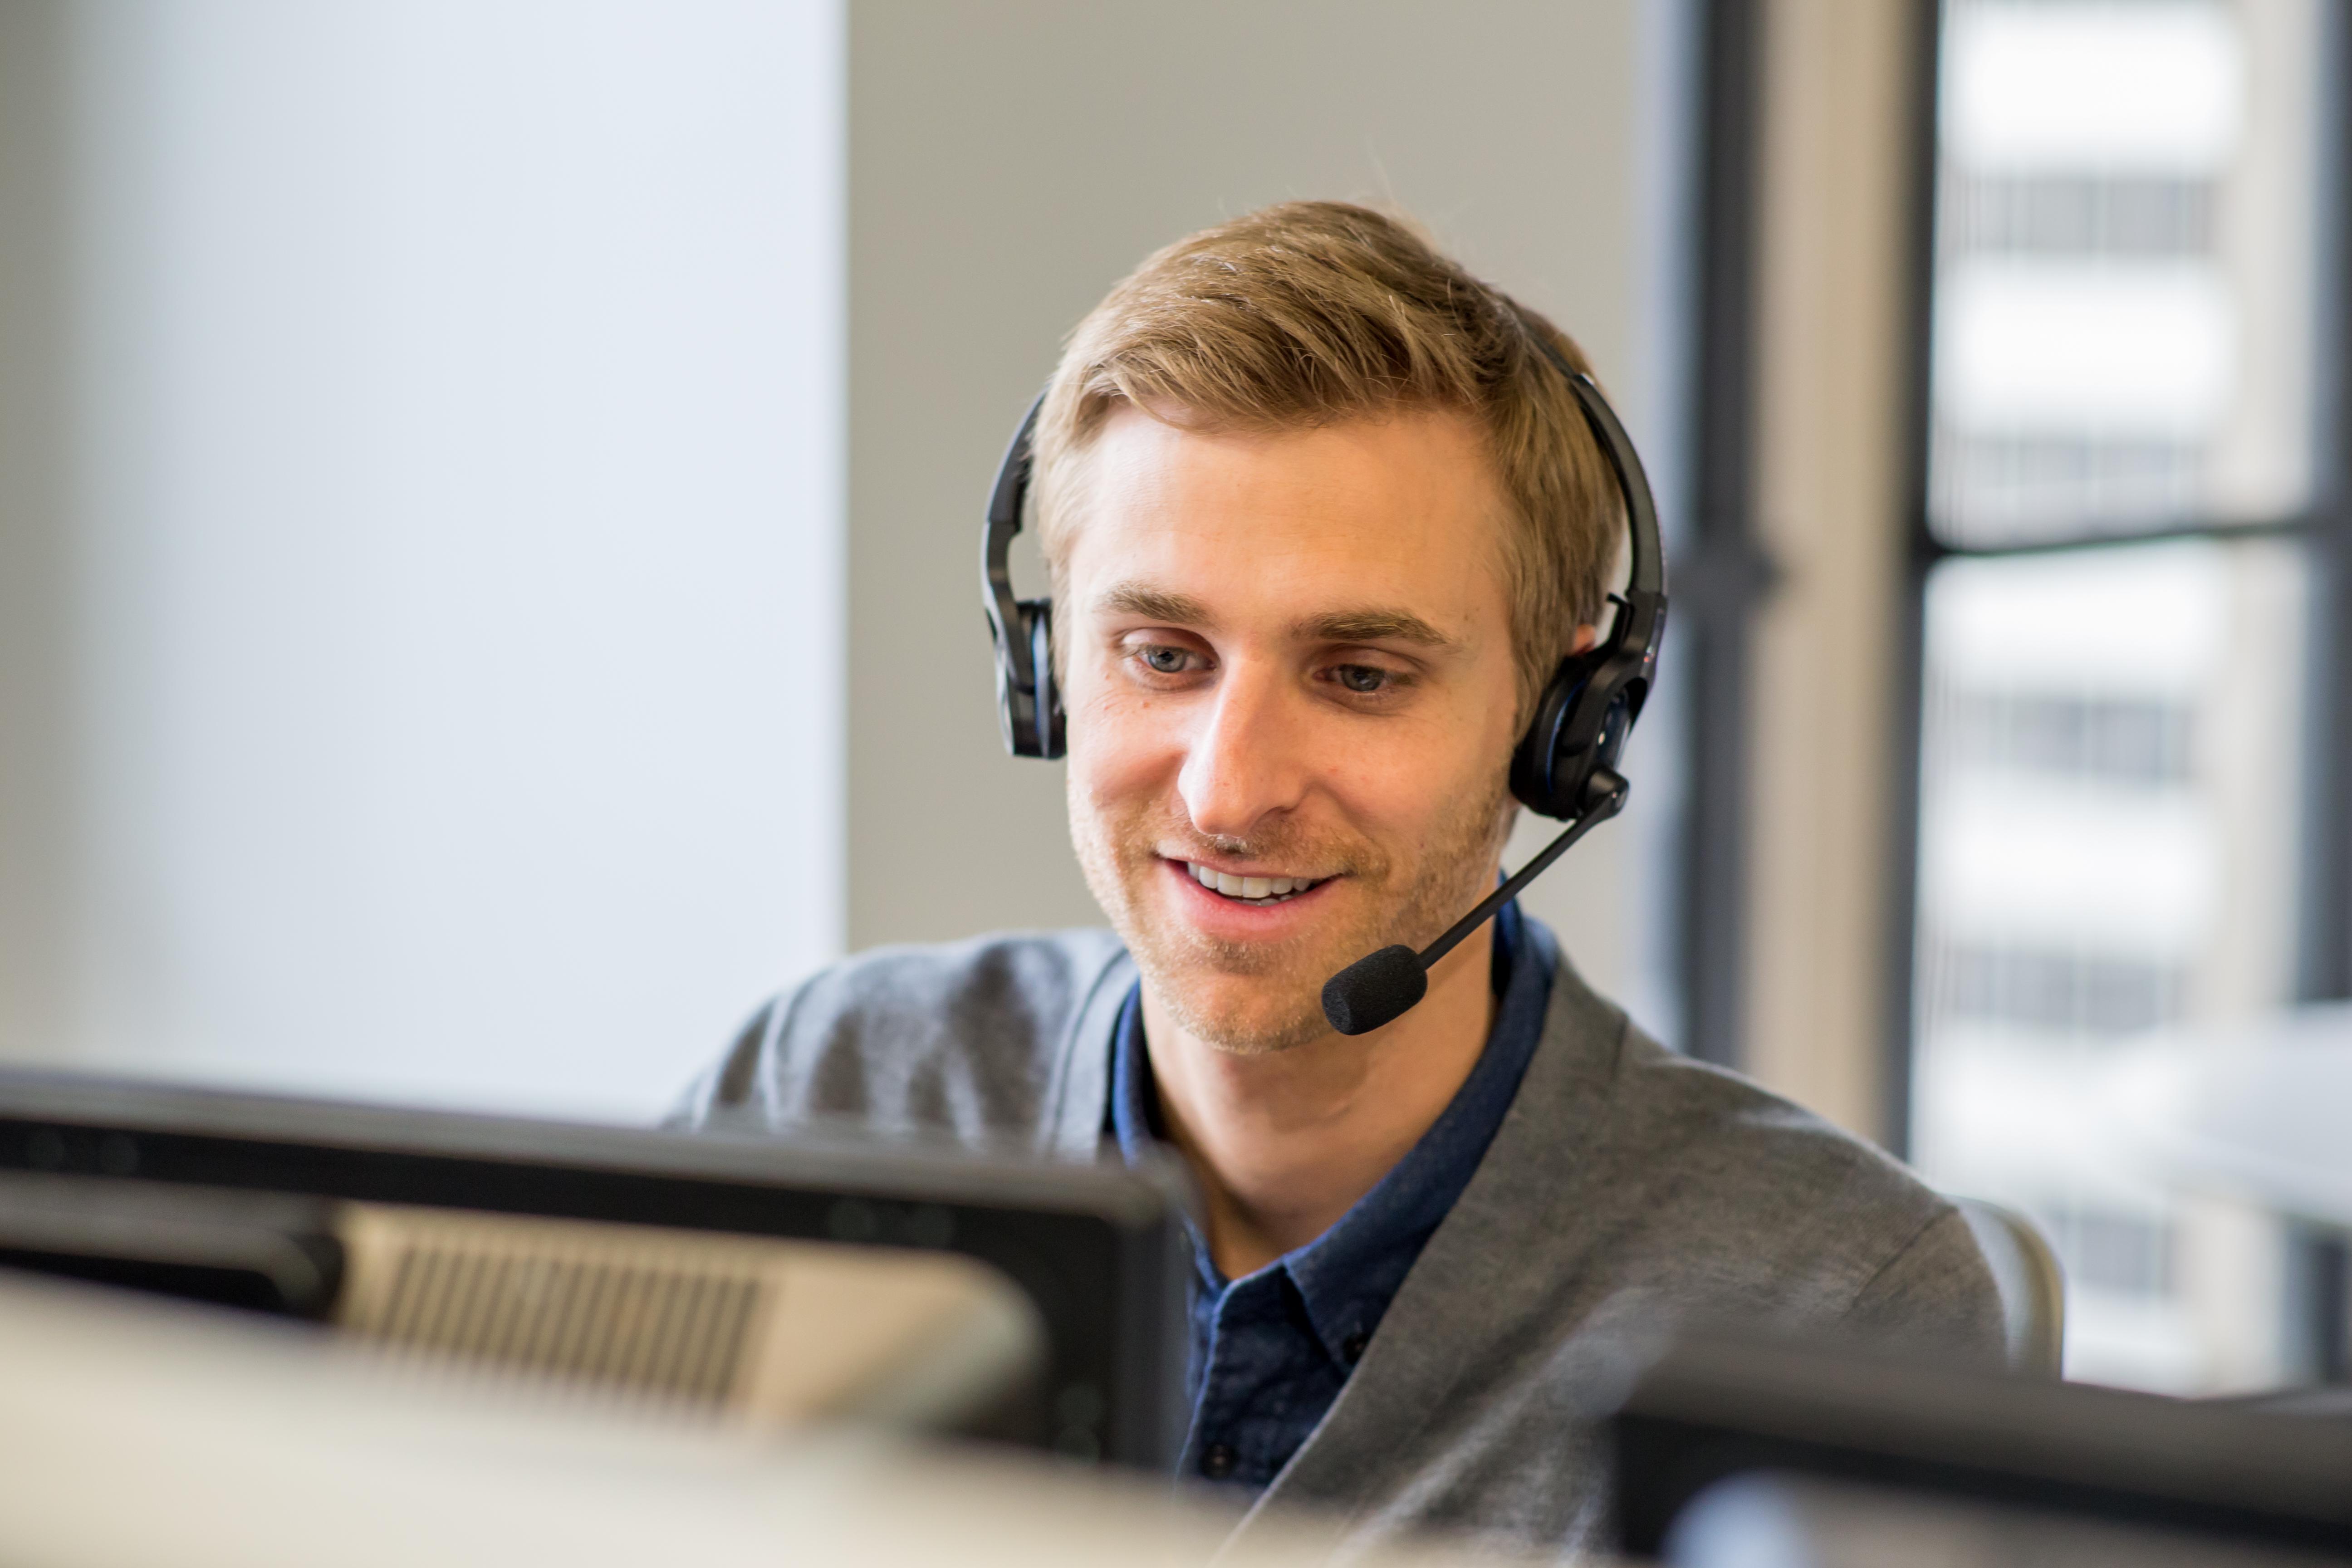 Second Level Service Spezialist (m/w/d) - Job - Application form